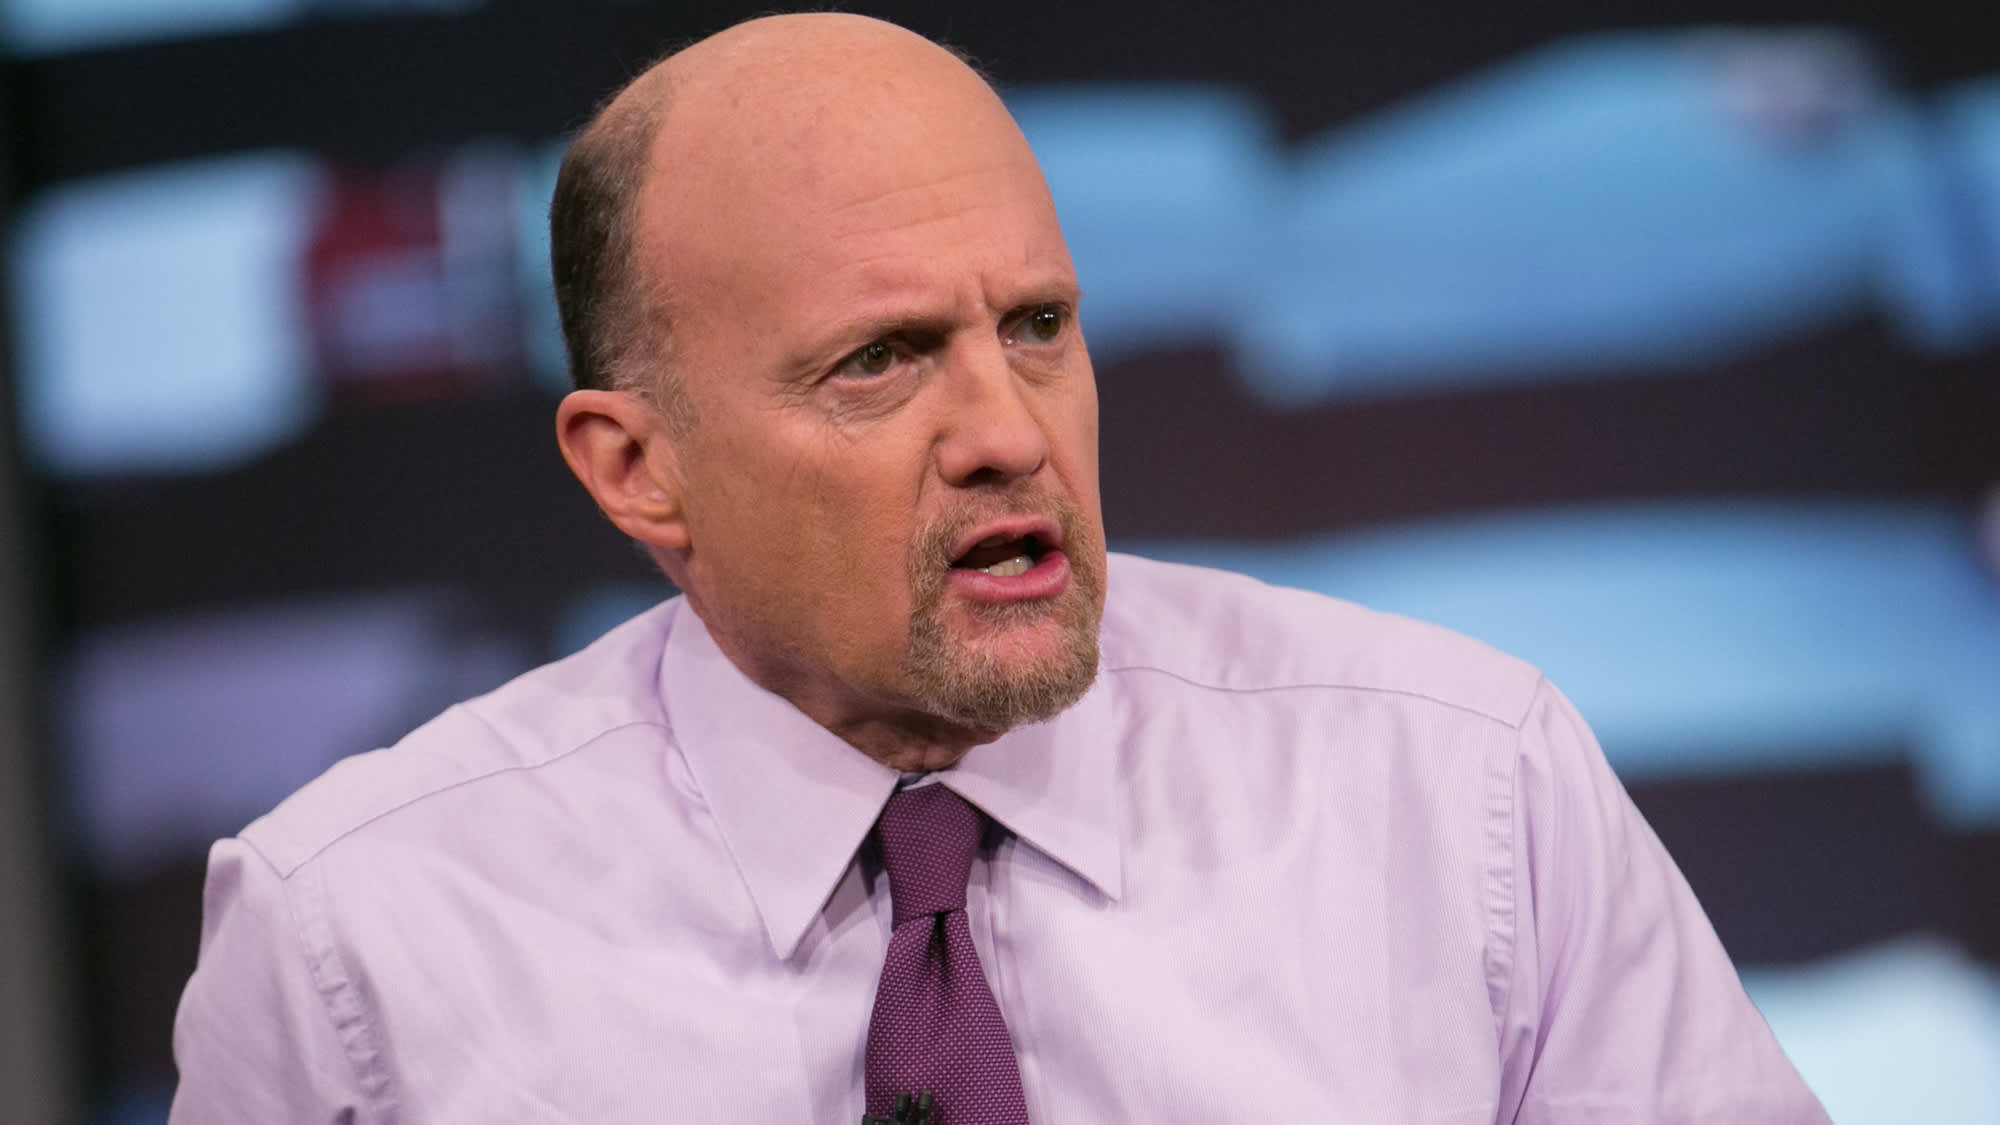 Cramer Remix: Investors underestimate Washington's impact on